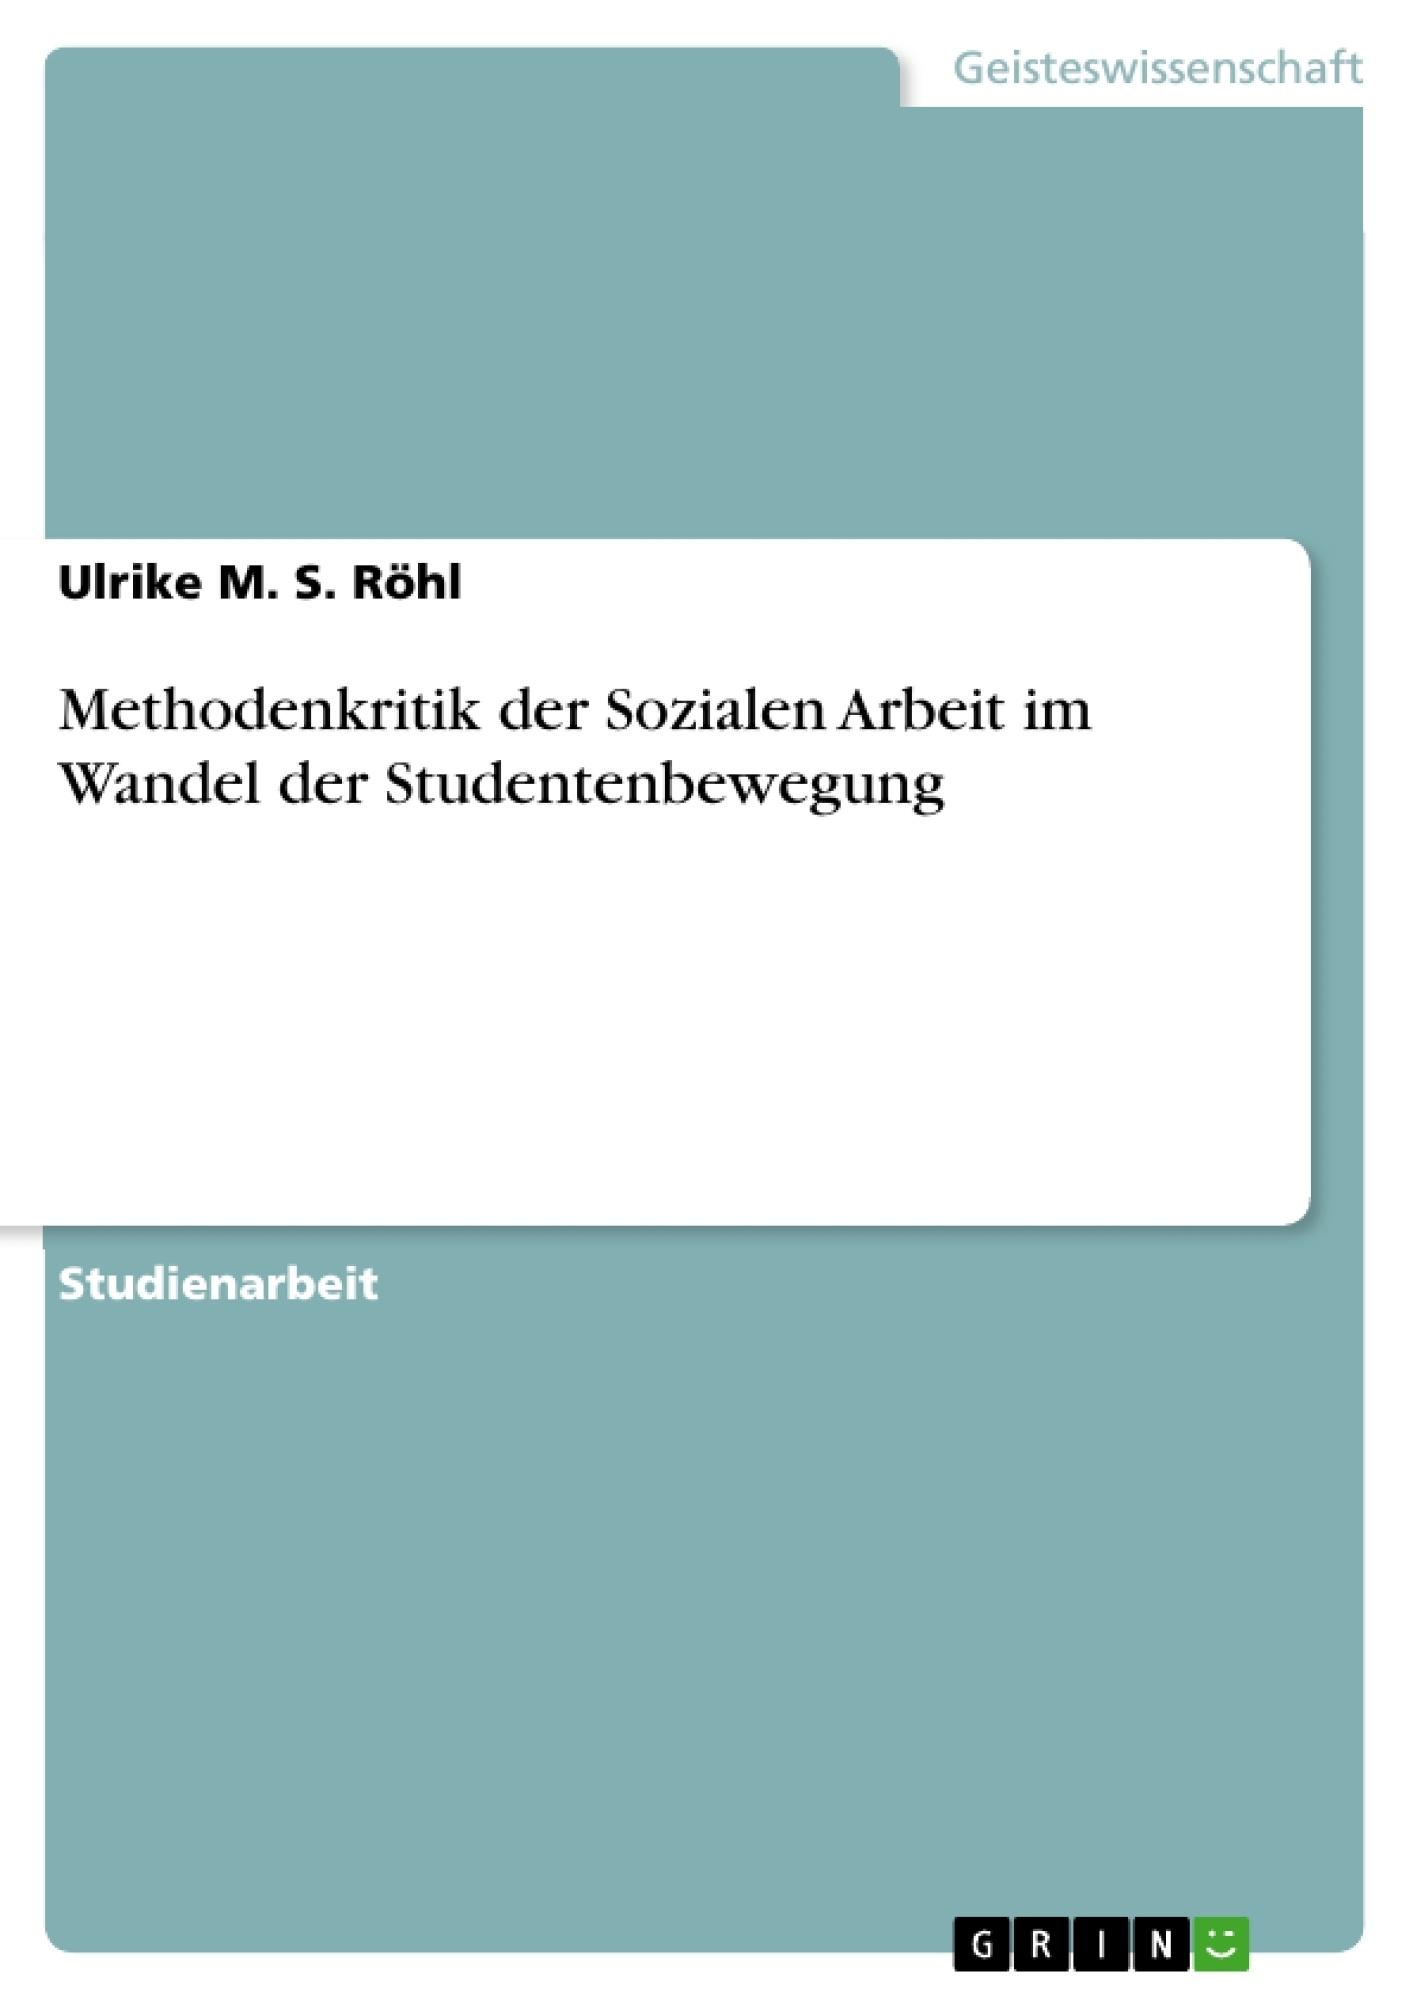 Titel: Methodenkritik der Sozialen Arbeit im Wandel der Studentenbewegung